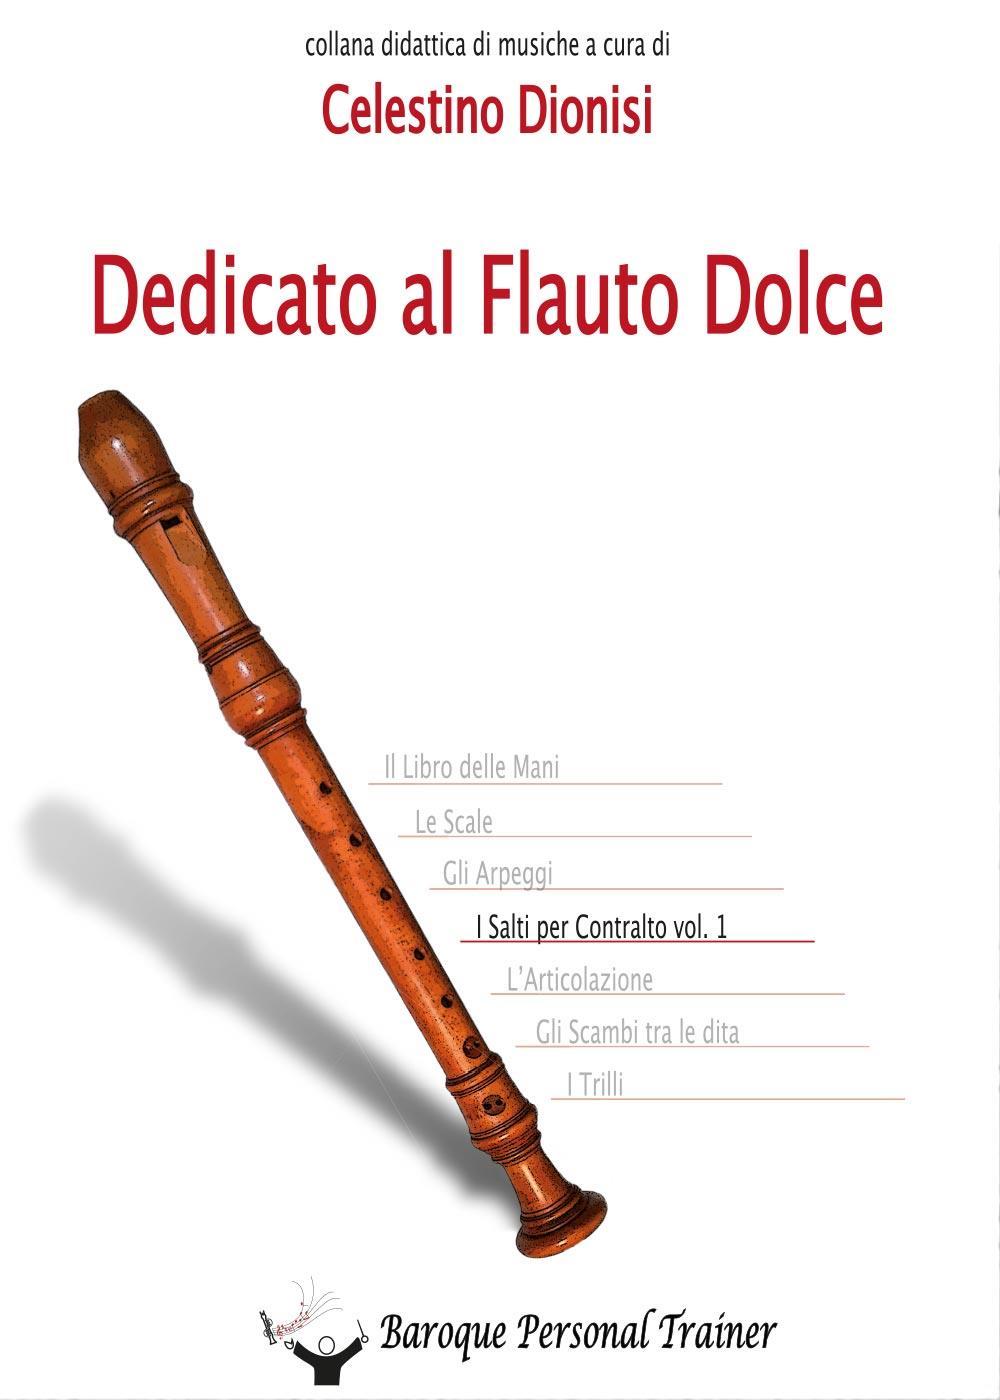 Dedicato al Flauto Dolce - I salti per Contralto Vol. 1